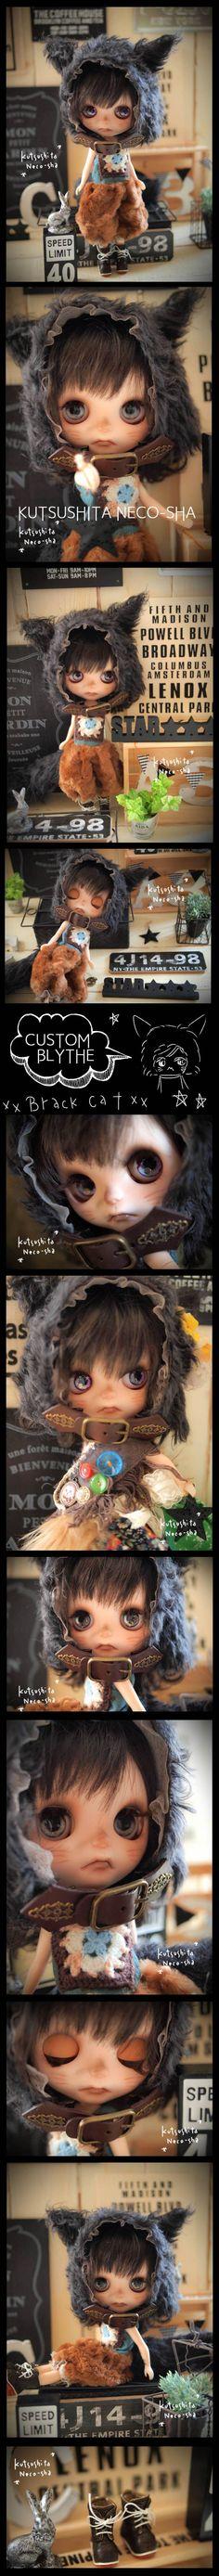 Custom Blythe Dolls: Nekosha Black Cat Custom Blythe - A Rinkya Blog